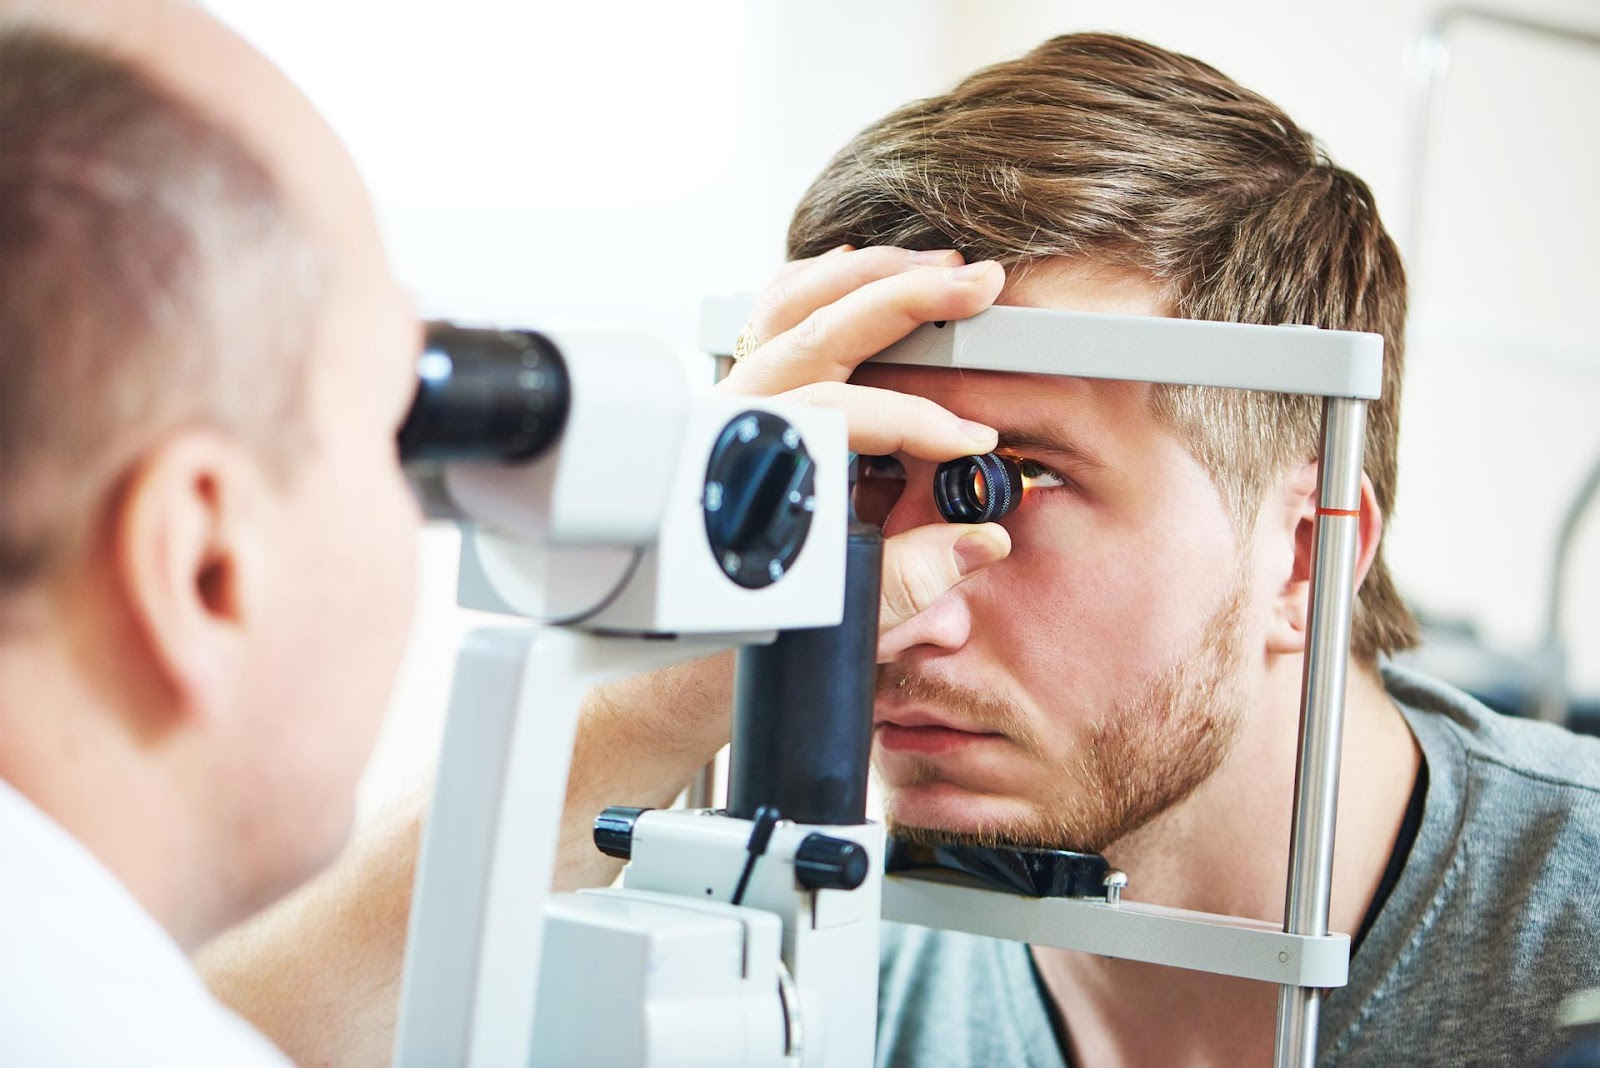 C:\Users\Właściciel\Desktop\do nowej strony ELMED\budowa oka\gf-V2La-8yBJ-vmkX_oftalmoskopia-czyli-badanie-dna-oka-tylnego-odcinka-oka-1920x1080-nocrop.jpg